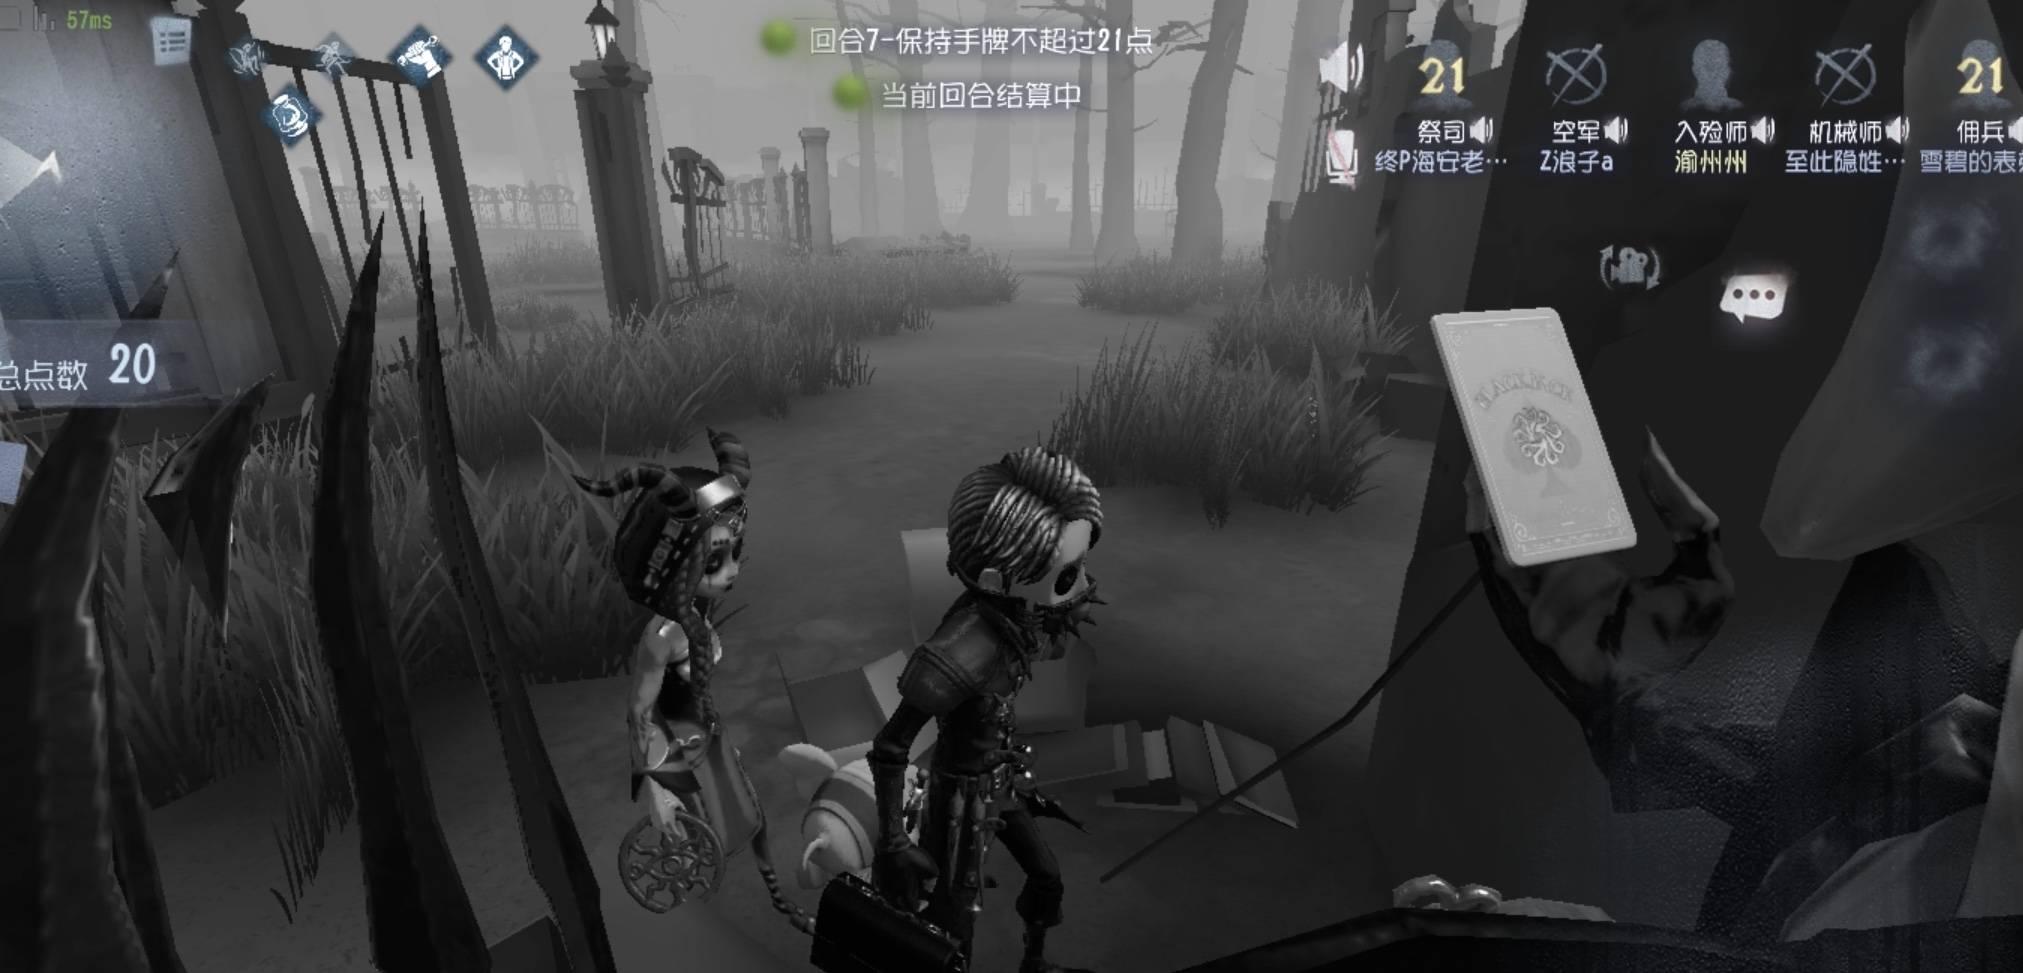 《第五人格:黑杰克模式被玩坏,为了获得珍宝,有人恶意开黑》